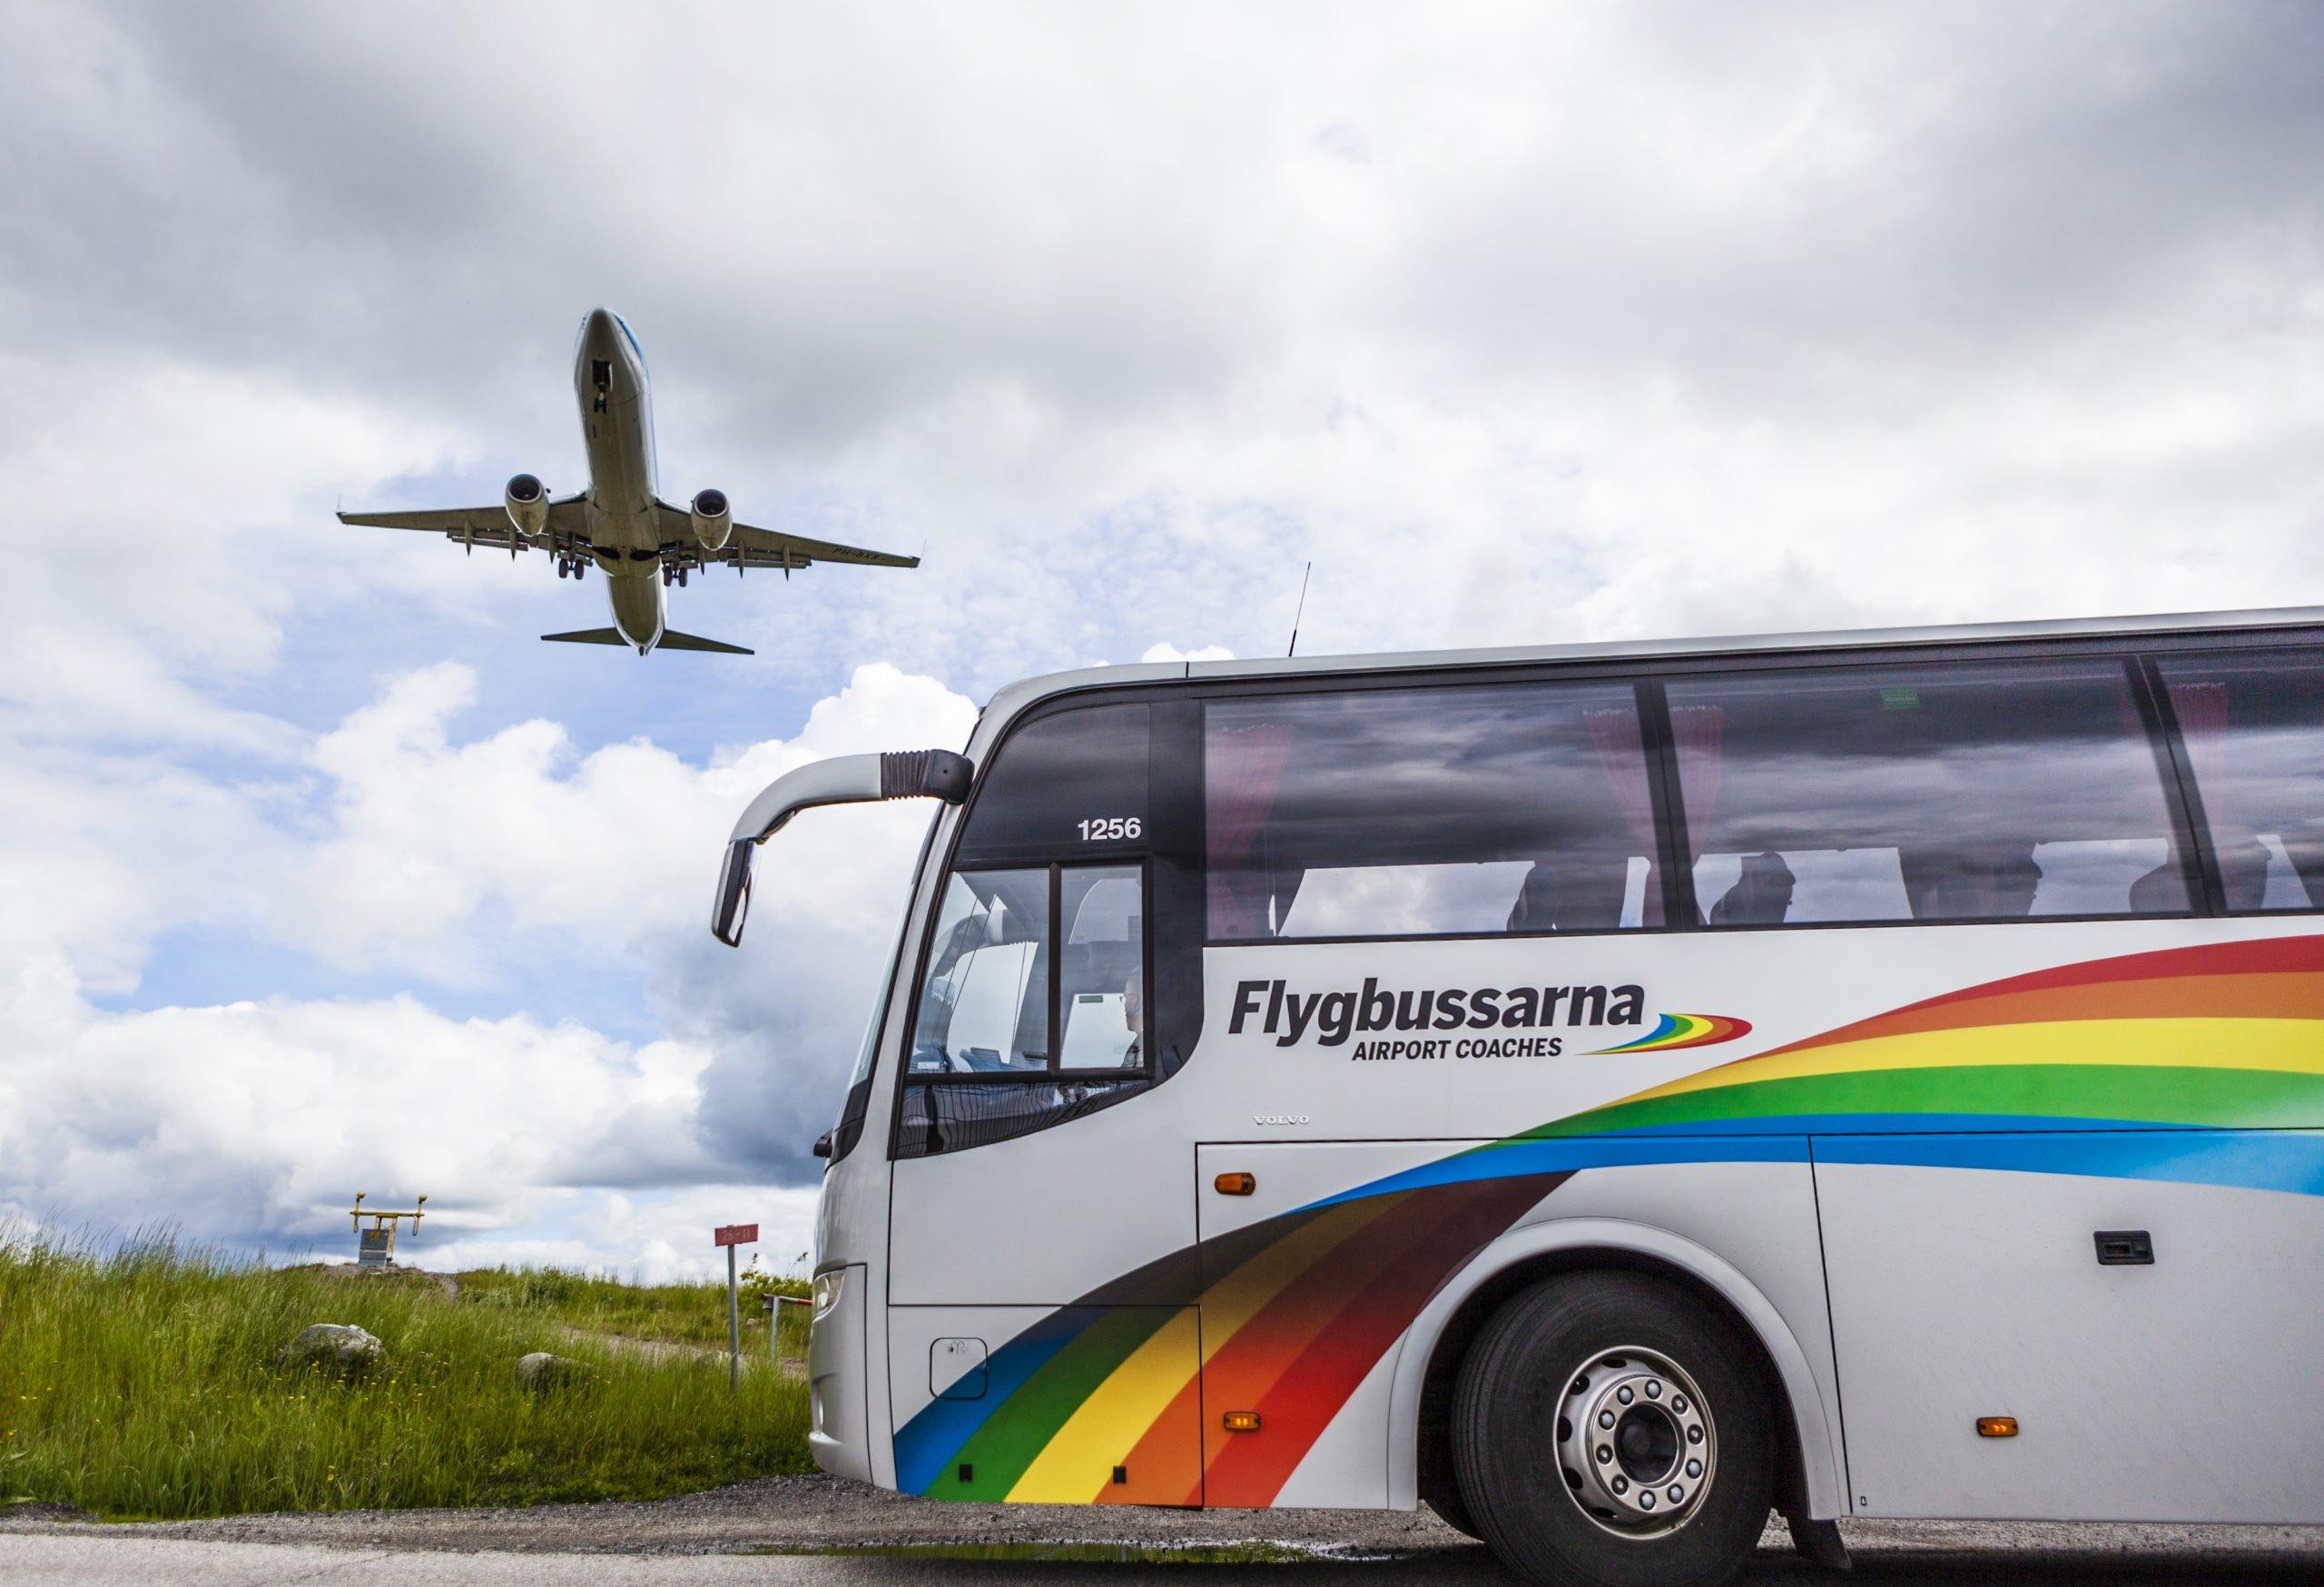 Flygbussarna, Suède